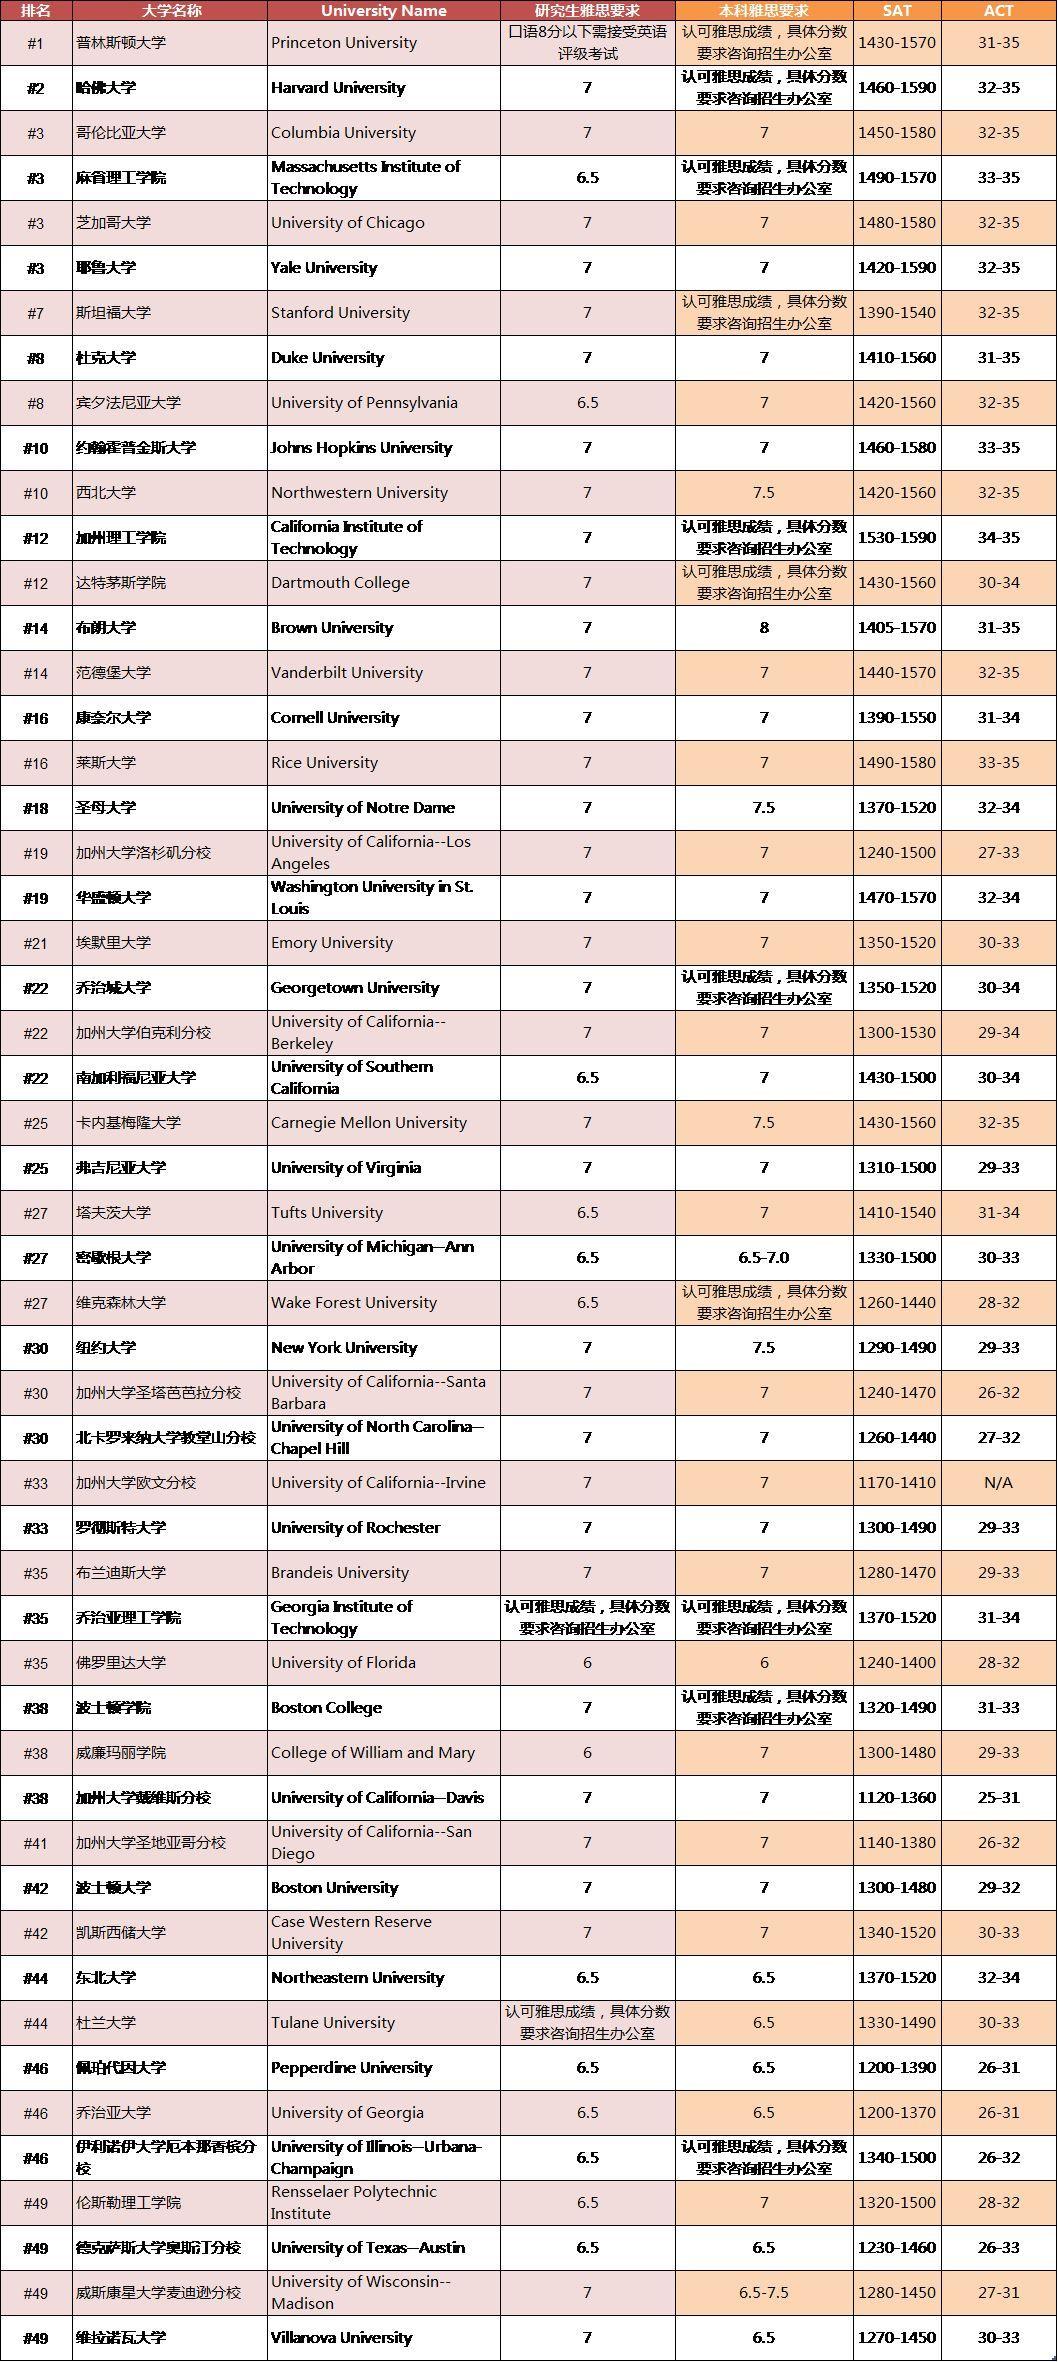 2019全美高校排行_最新 2019全美最佳大学排行榜出炉